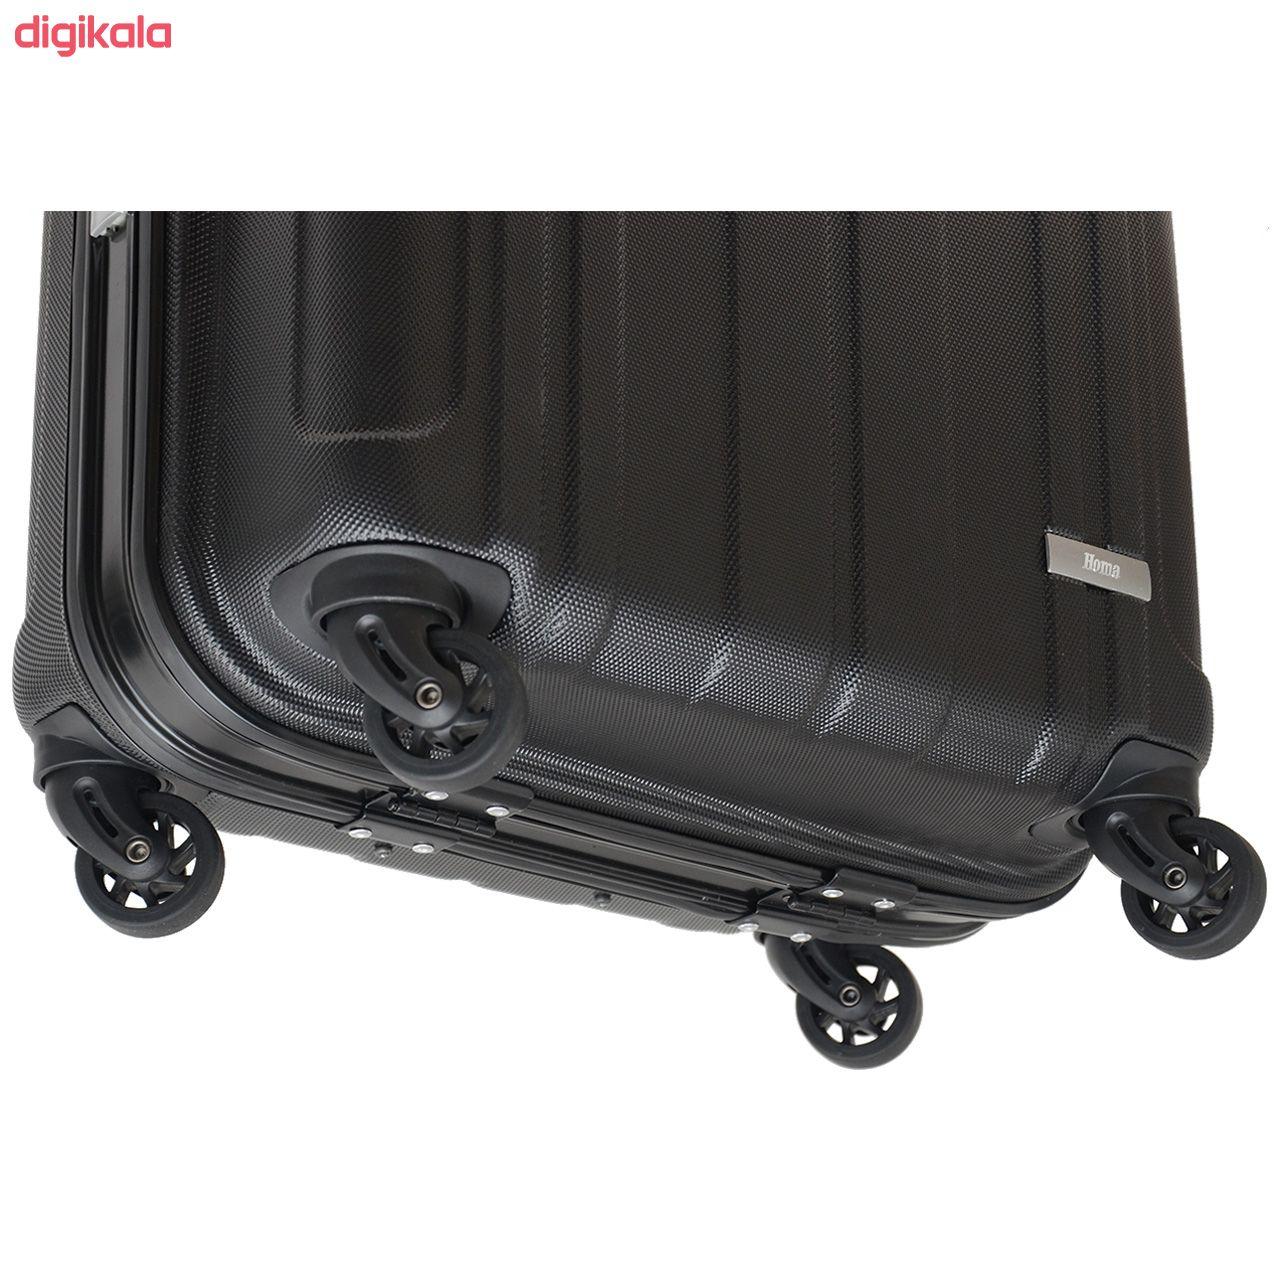 چمدان خلبانی هما مدل 600025 main 1 9